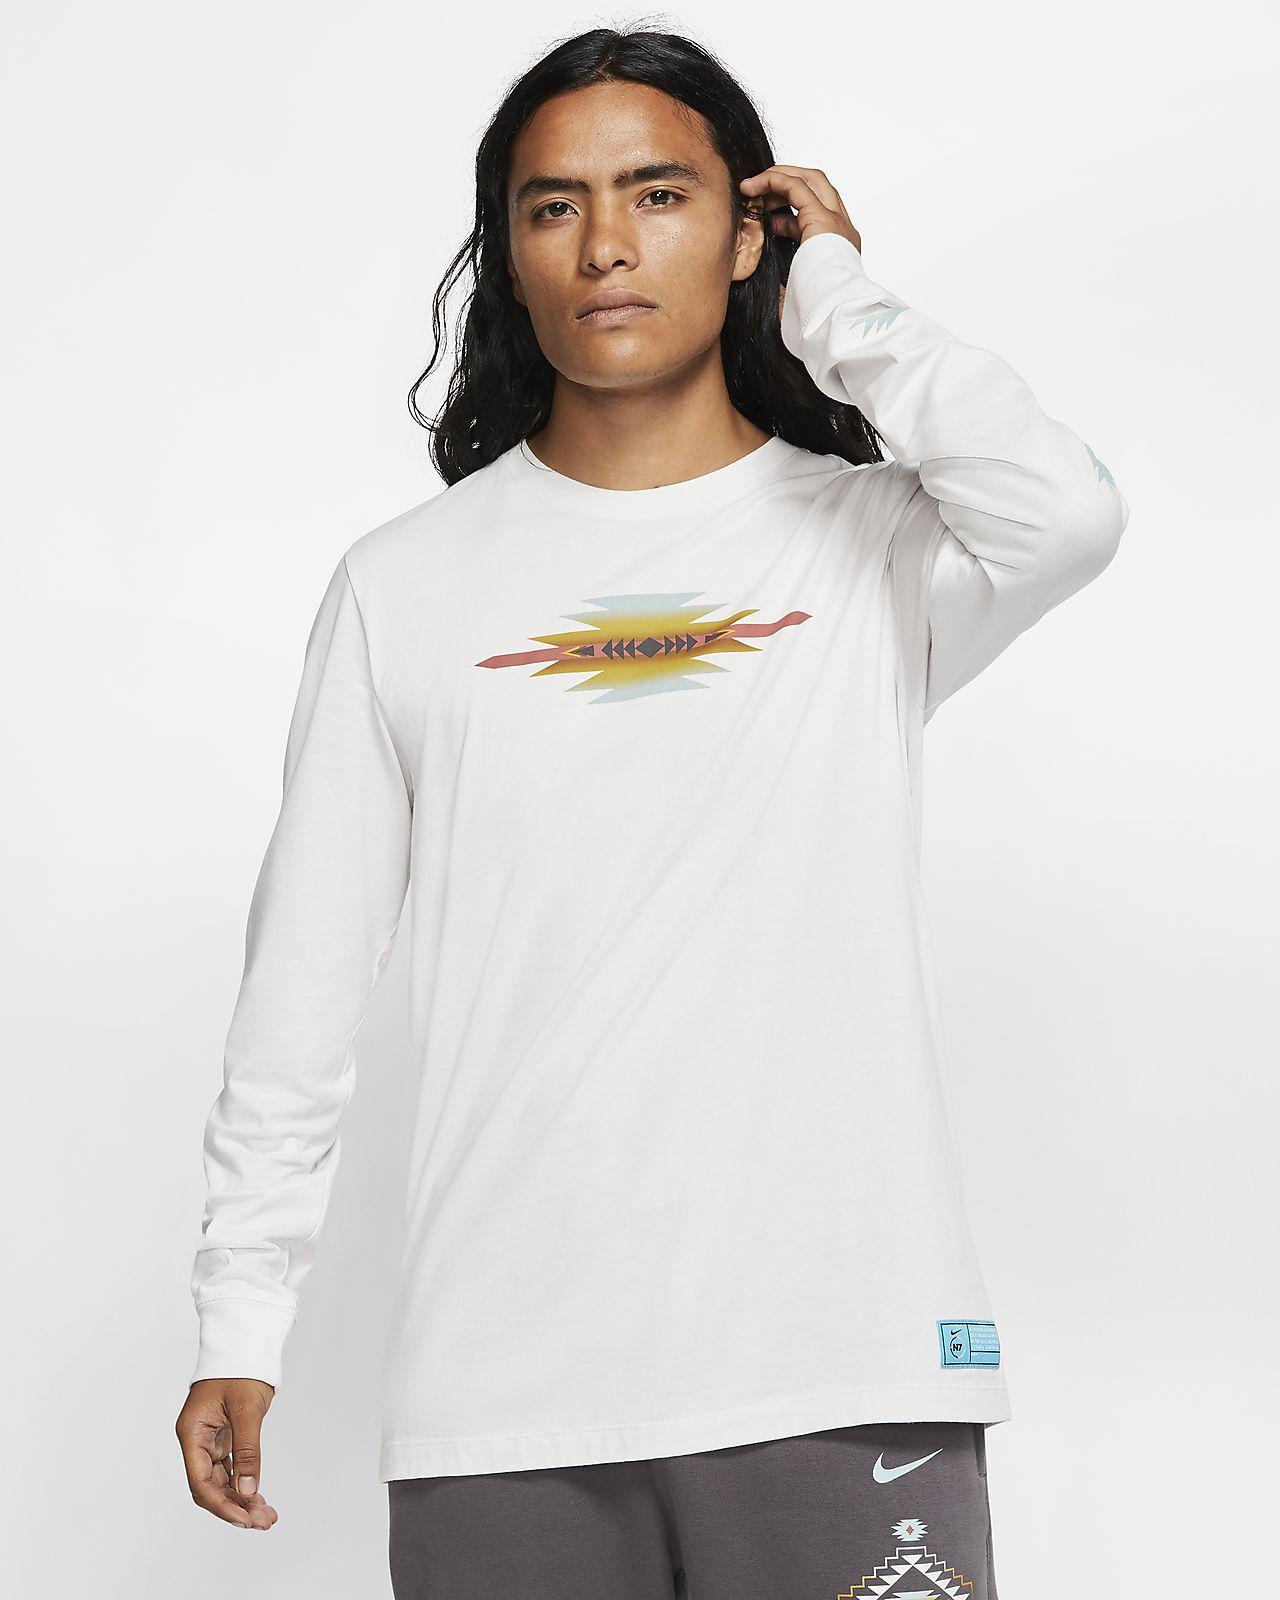 Nike Sportswear N7 Men's Long-Sleeve T-Shirt